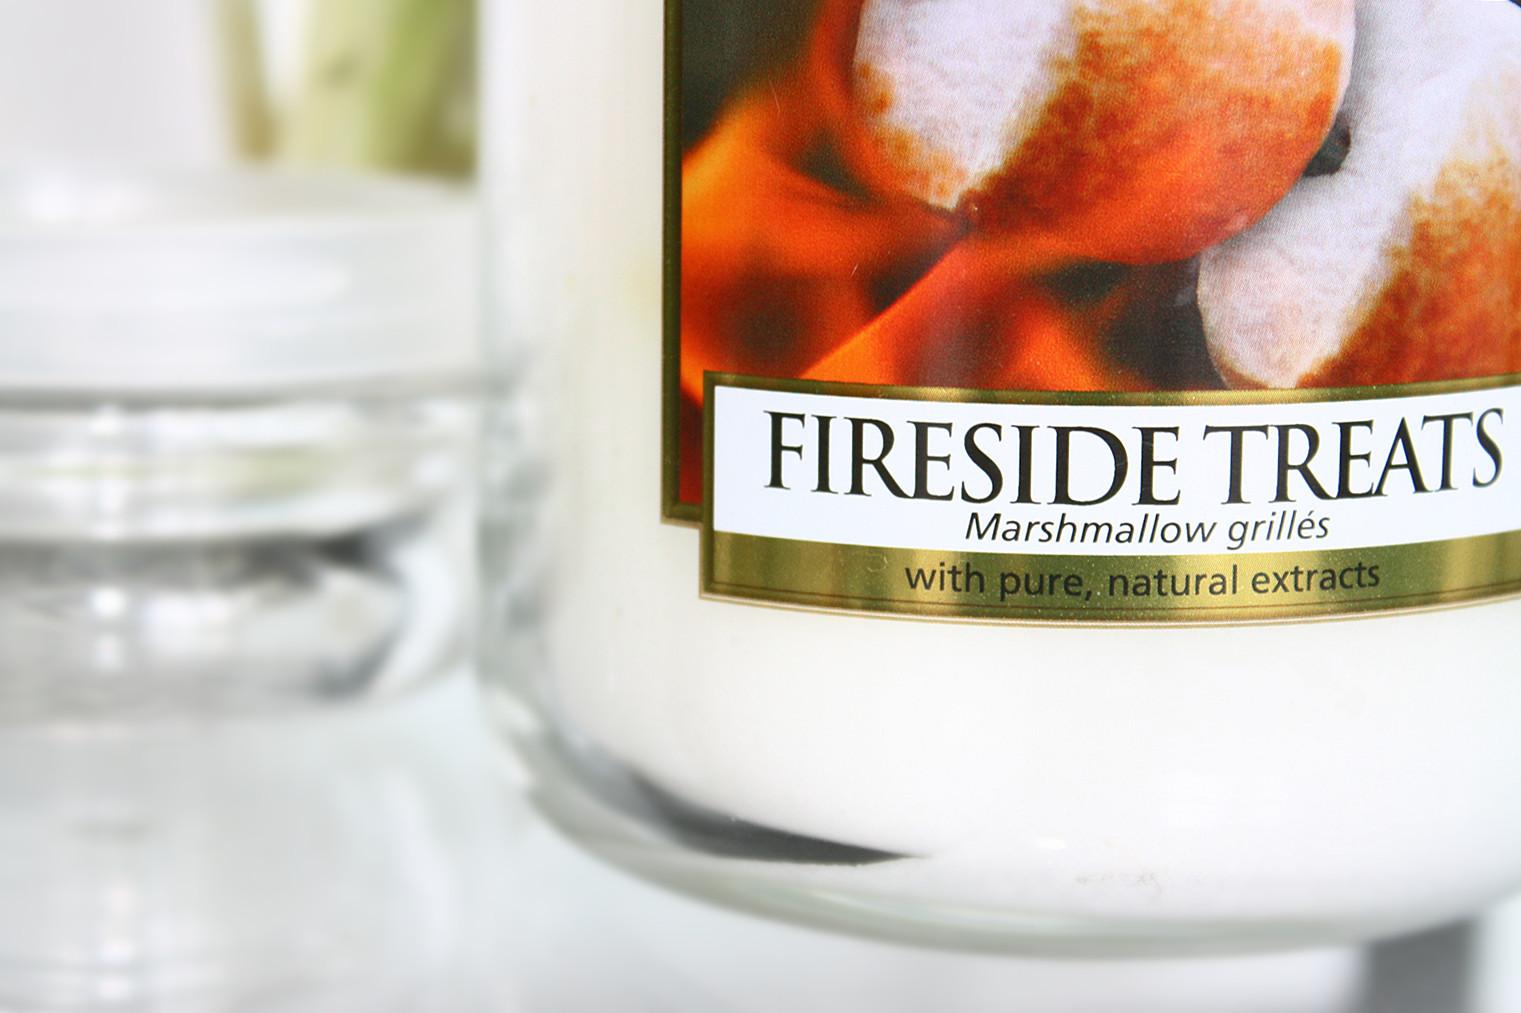 świeczka yankee candle, fireside treats, zapachowa świeczka